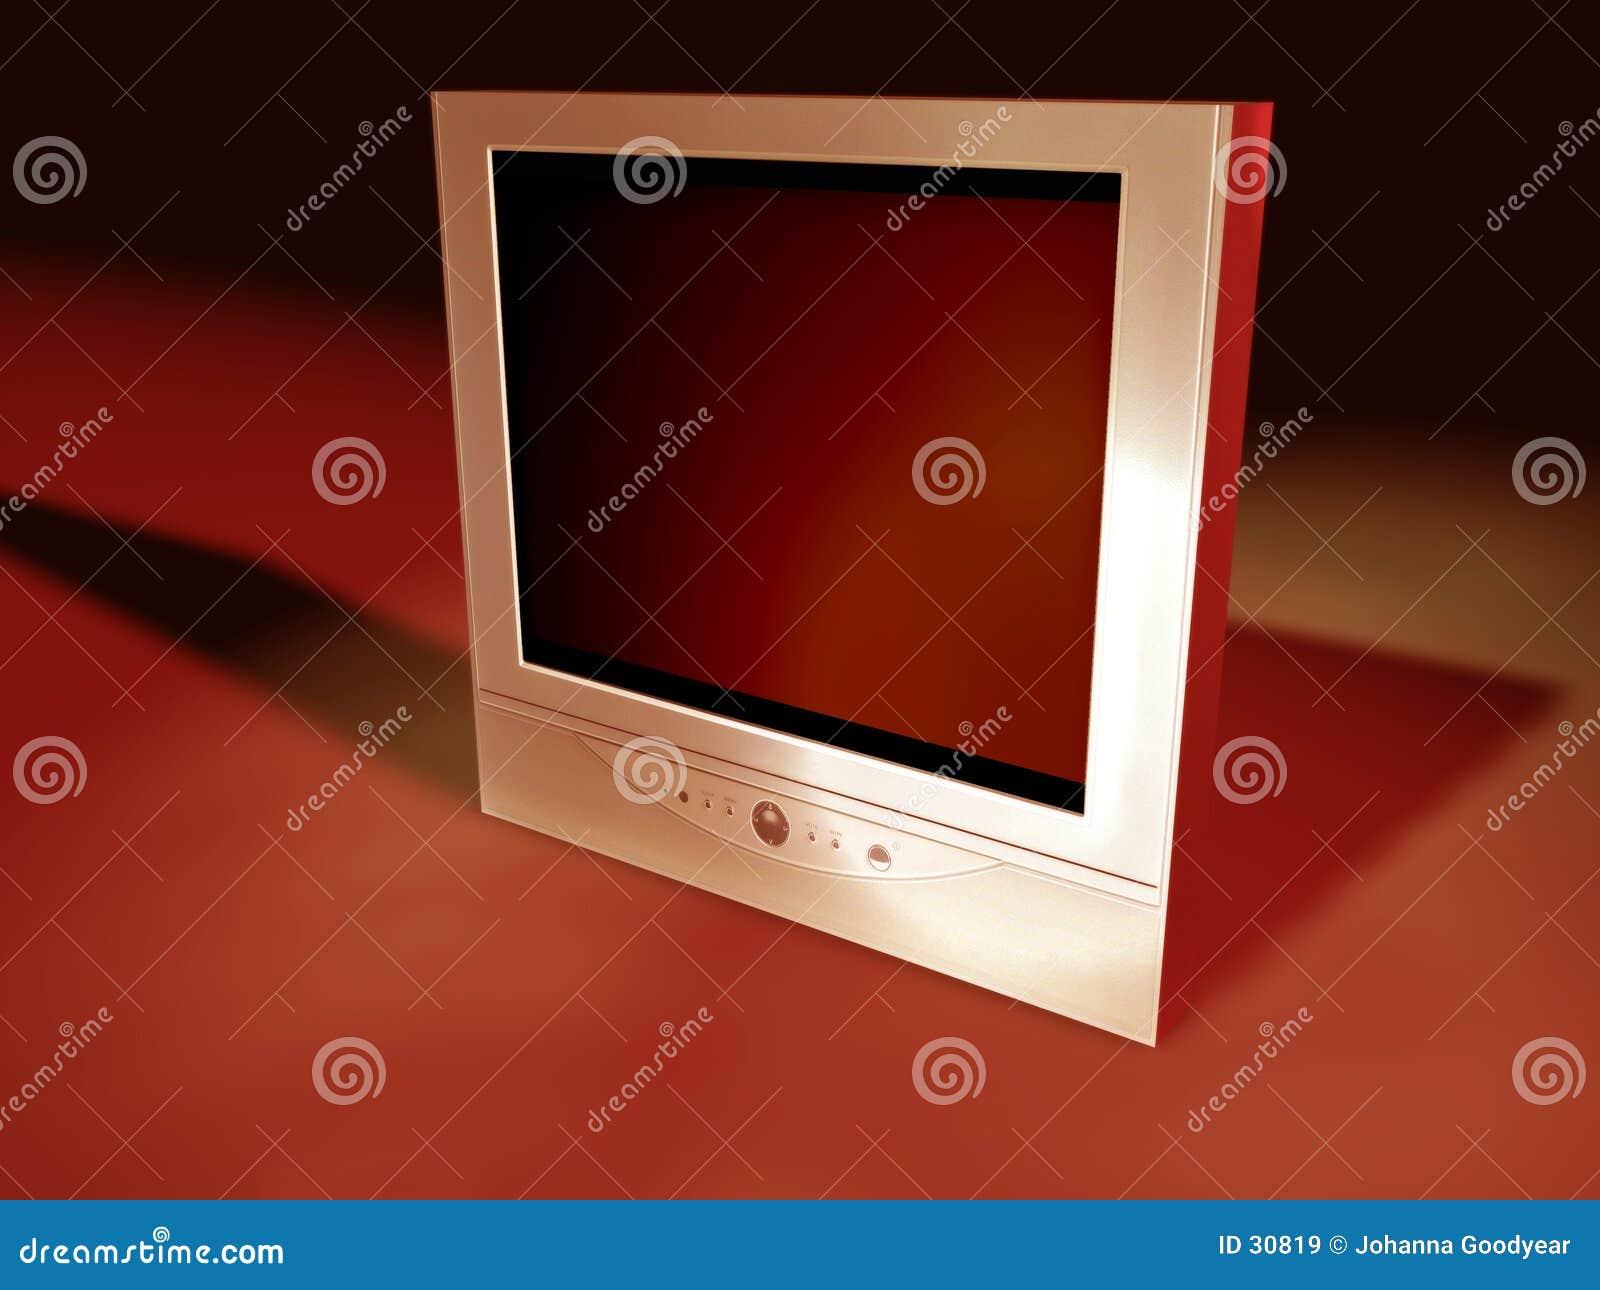 Download Pantalla plana TV 3 stock de ilustración. Ilustración de canales - 30819